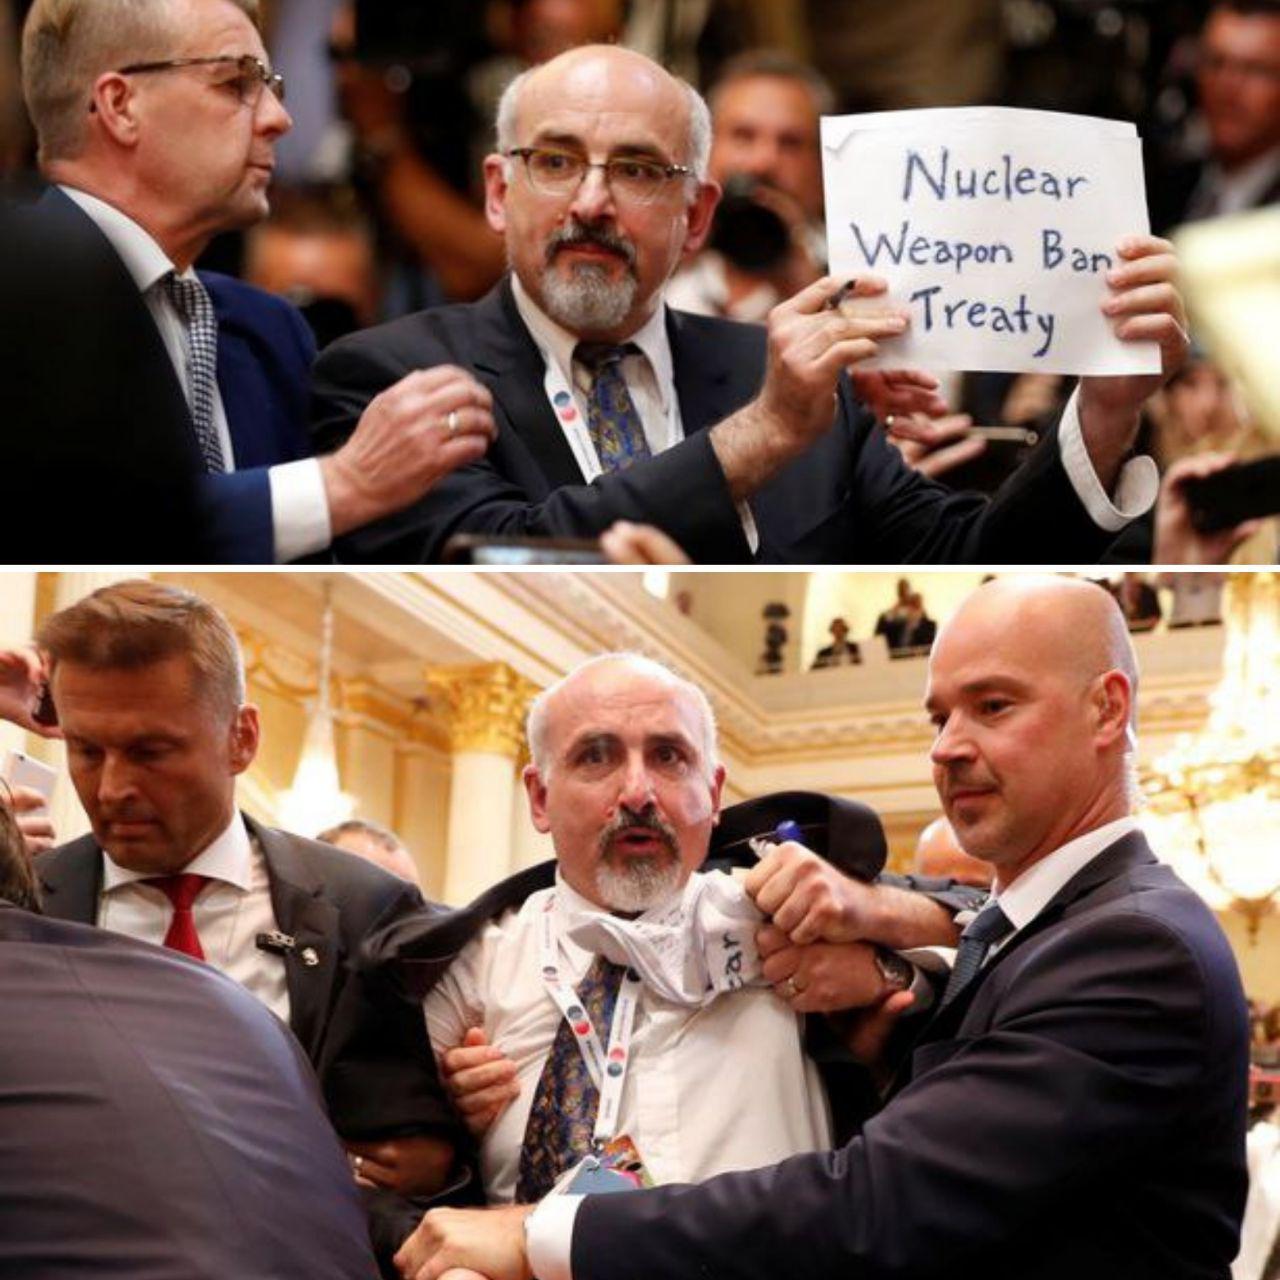 اخراج یک خبرنگار از کنفرانس مطبوعاتی ترامپ و پوتین